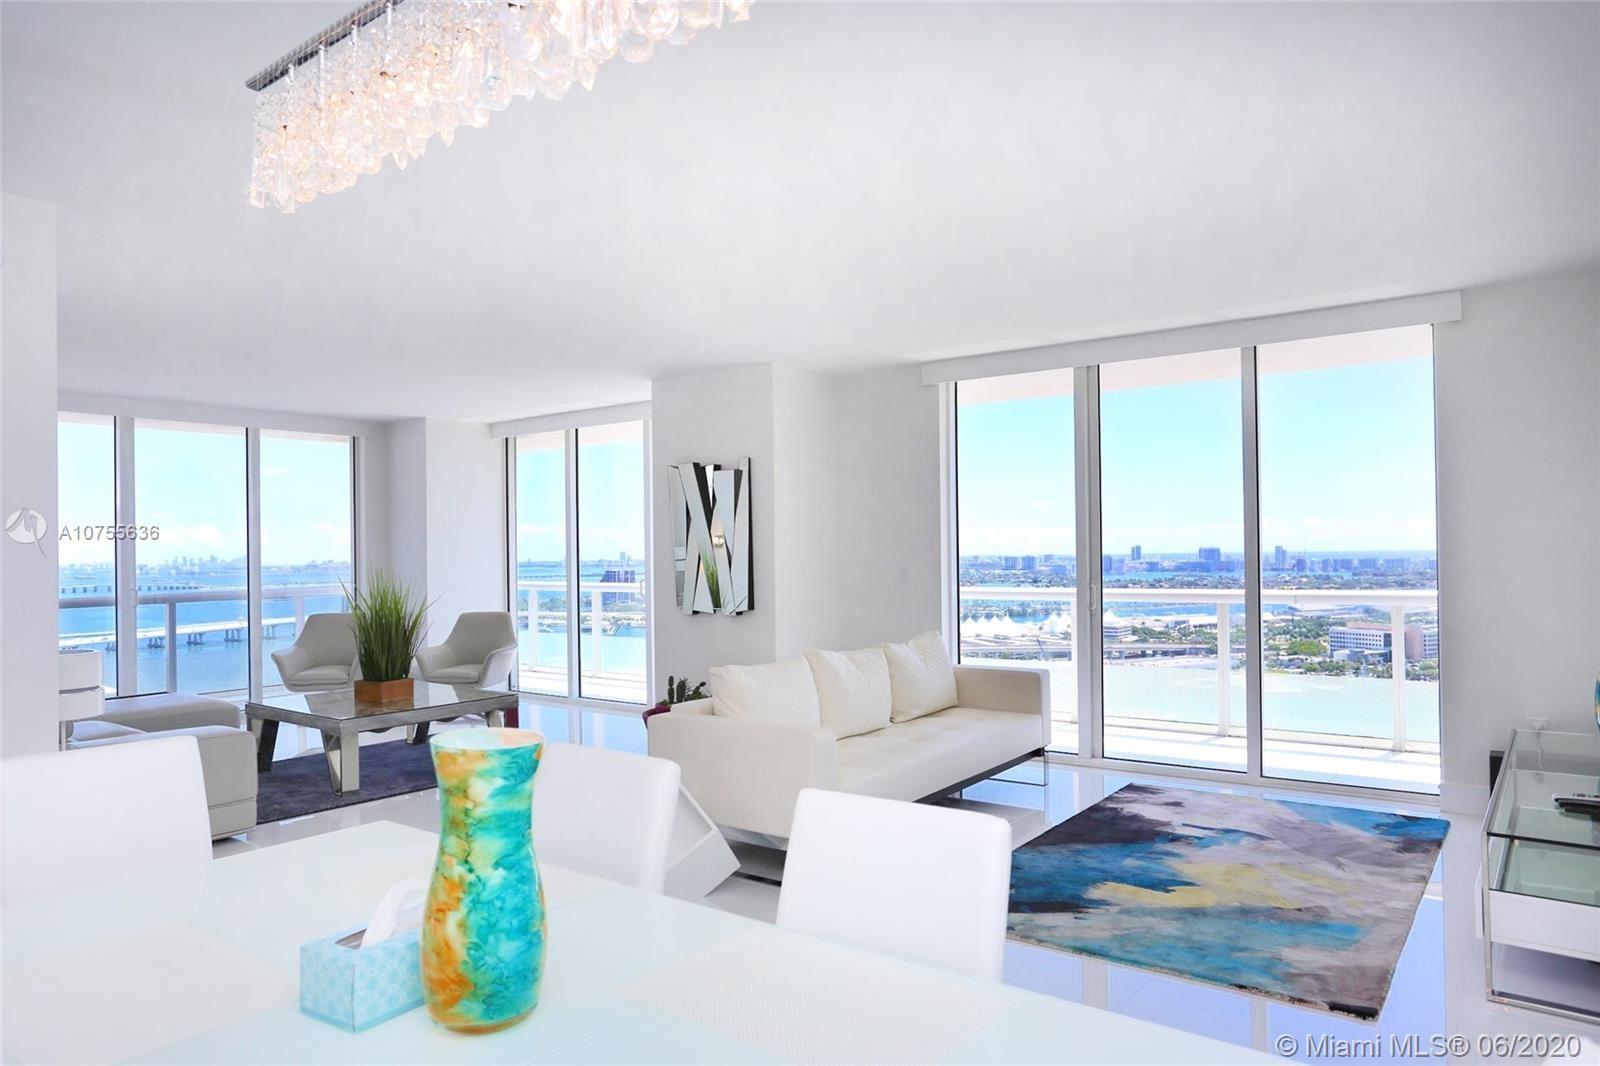 50 Biscayne Blvd #3402, Miami, FL 33132 - MLS#: A10755636